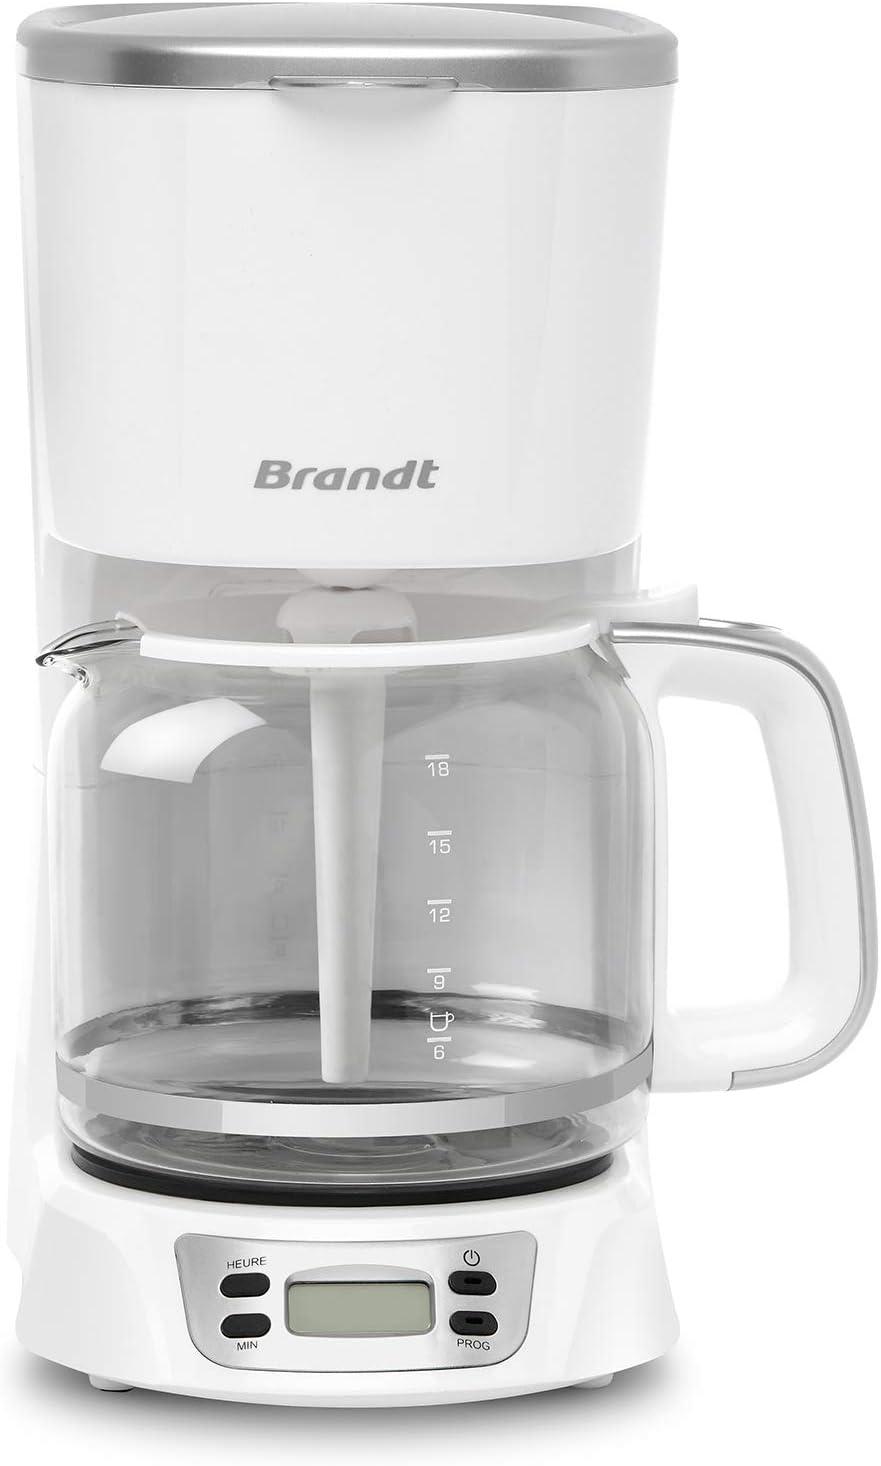 Brandt - Cafetera programable, 1,8 litros, color blanco: Amazon.es ...